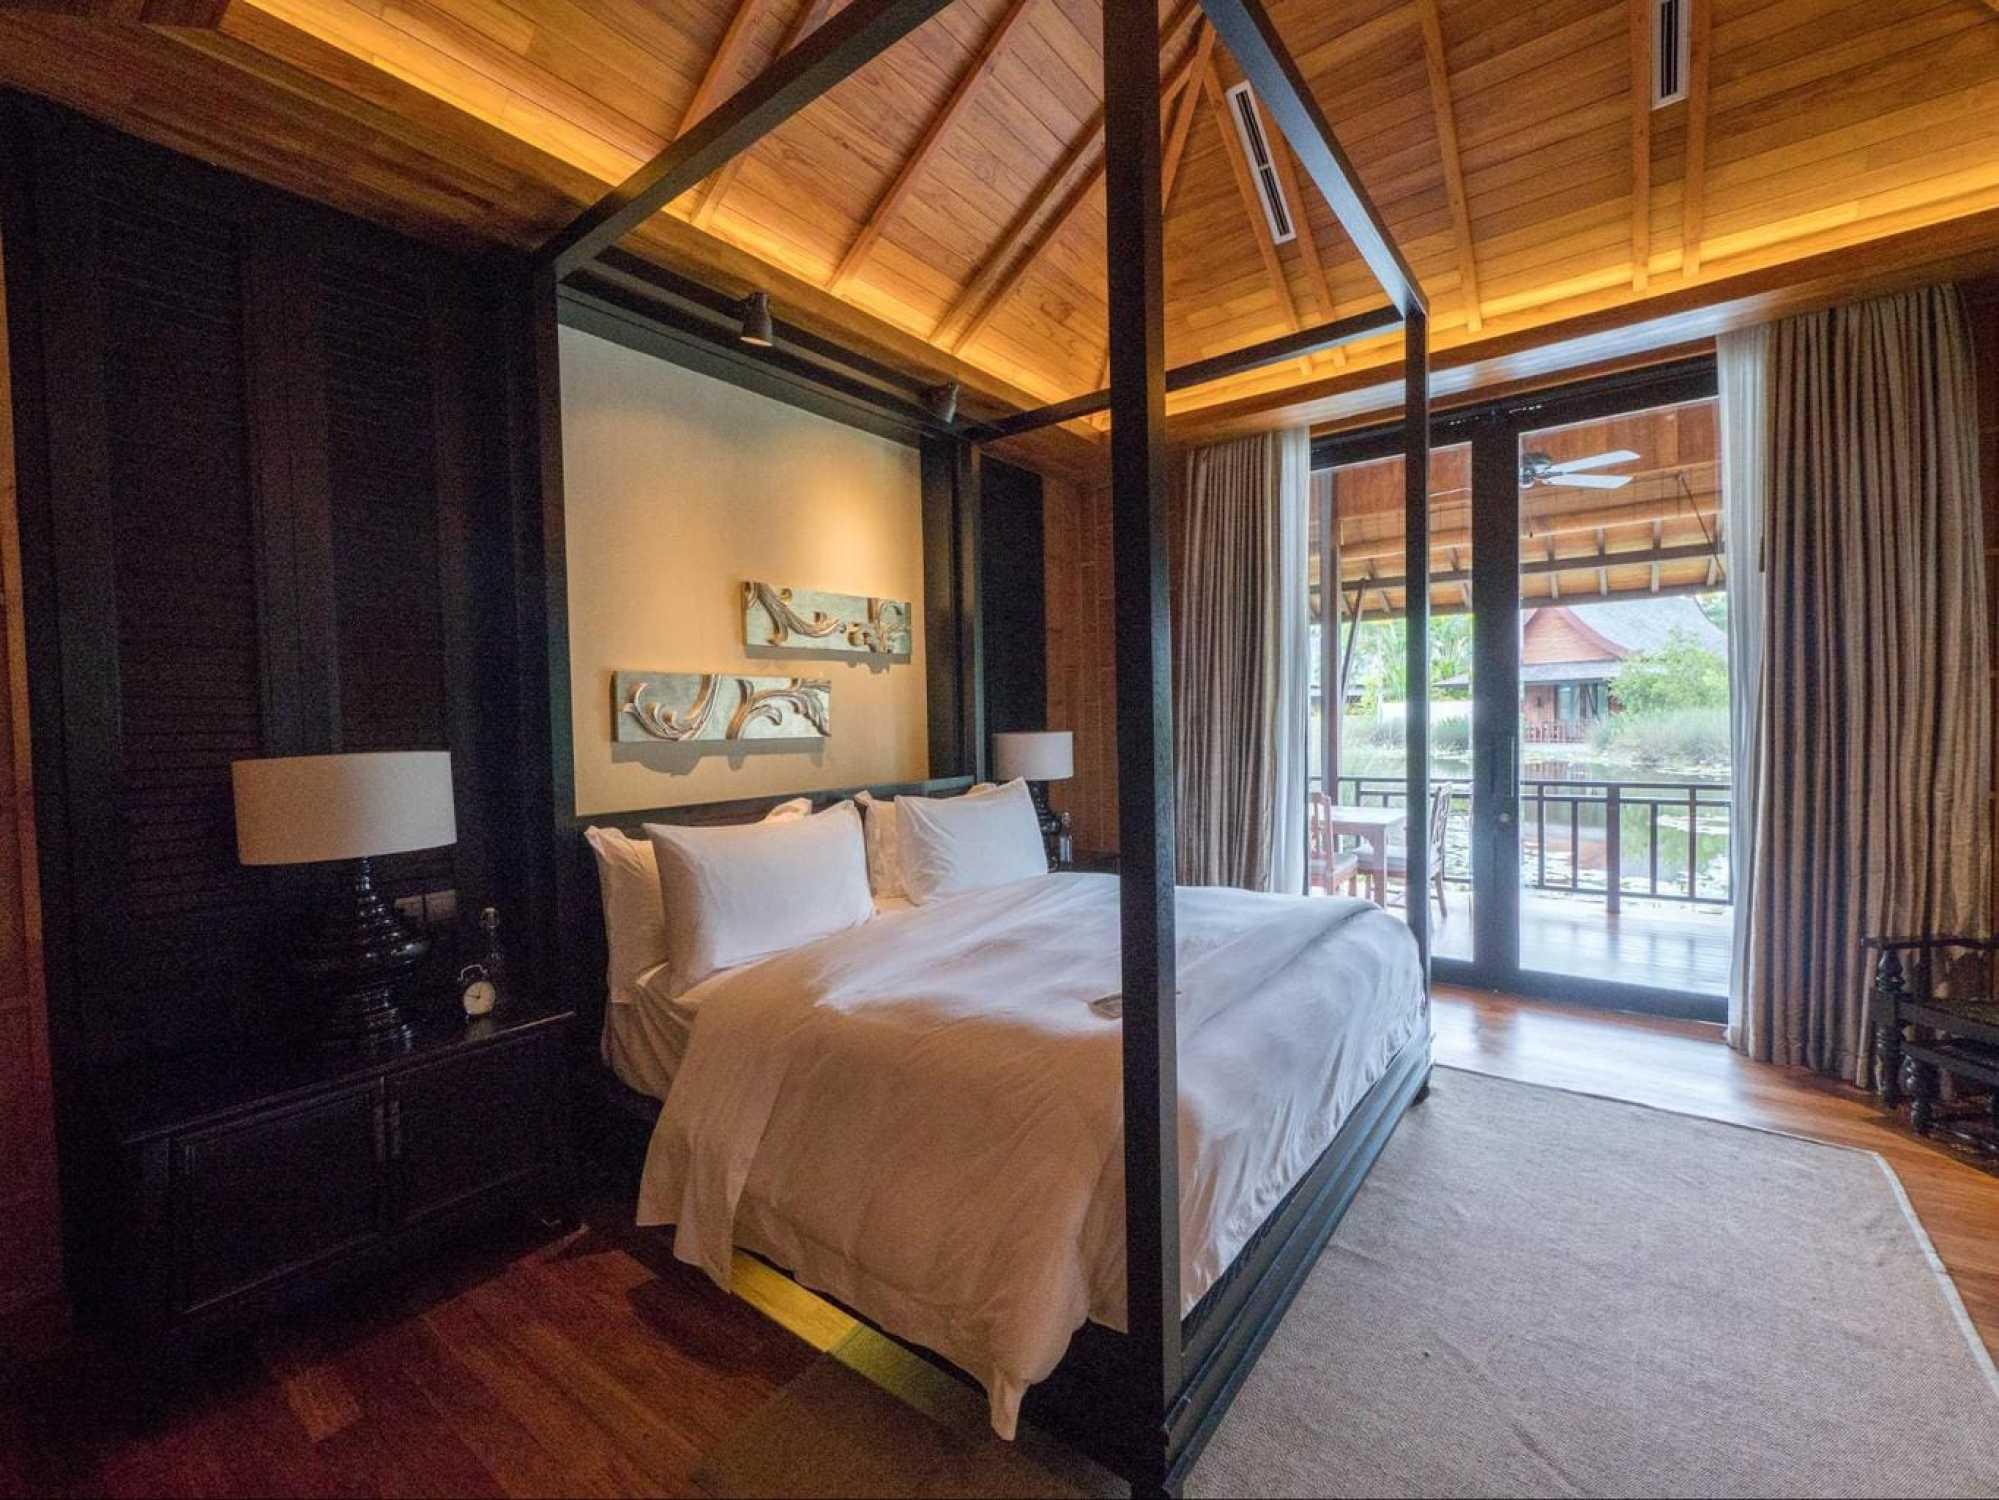 Bed at the Lawan villa at The Sanchaya